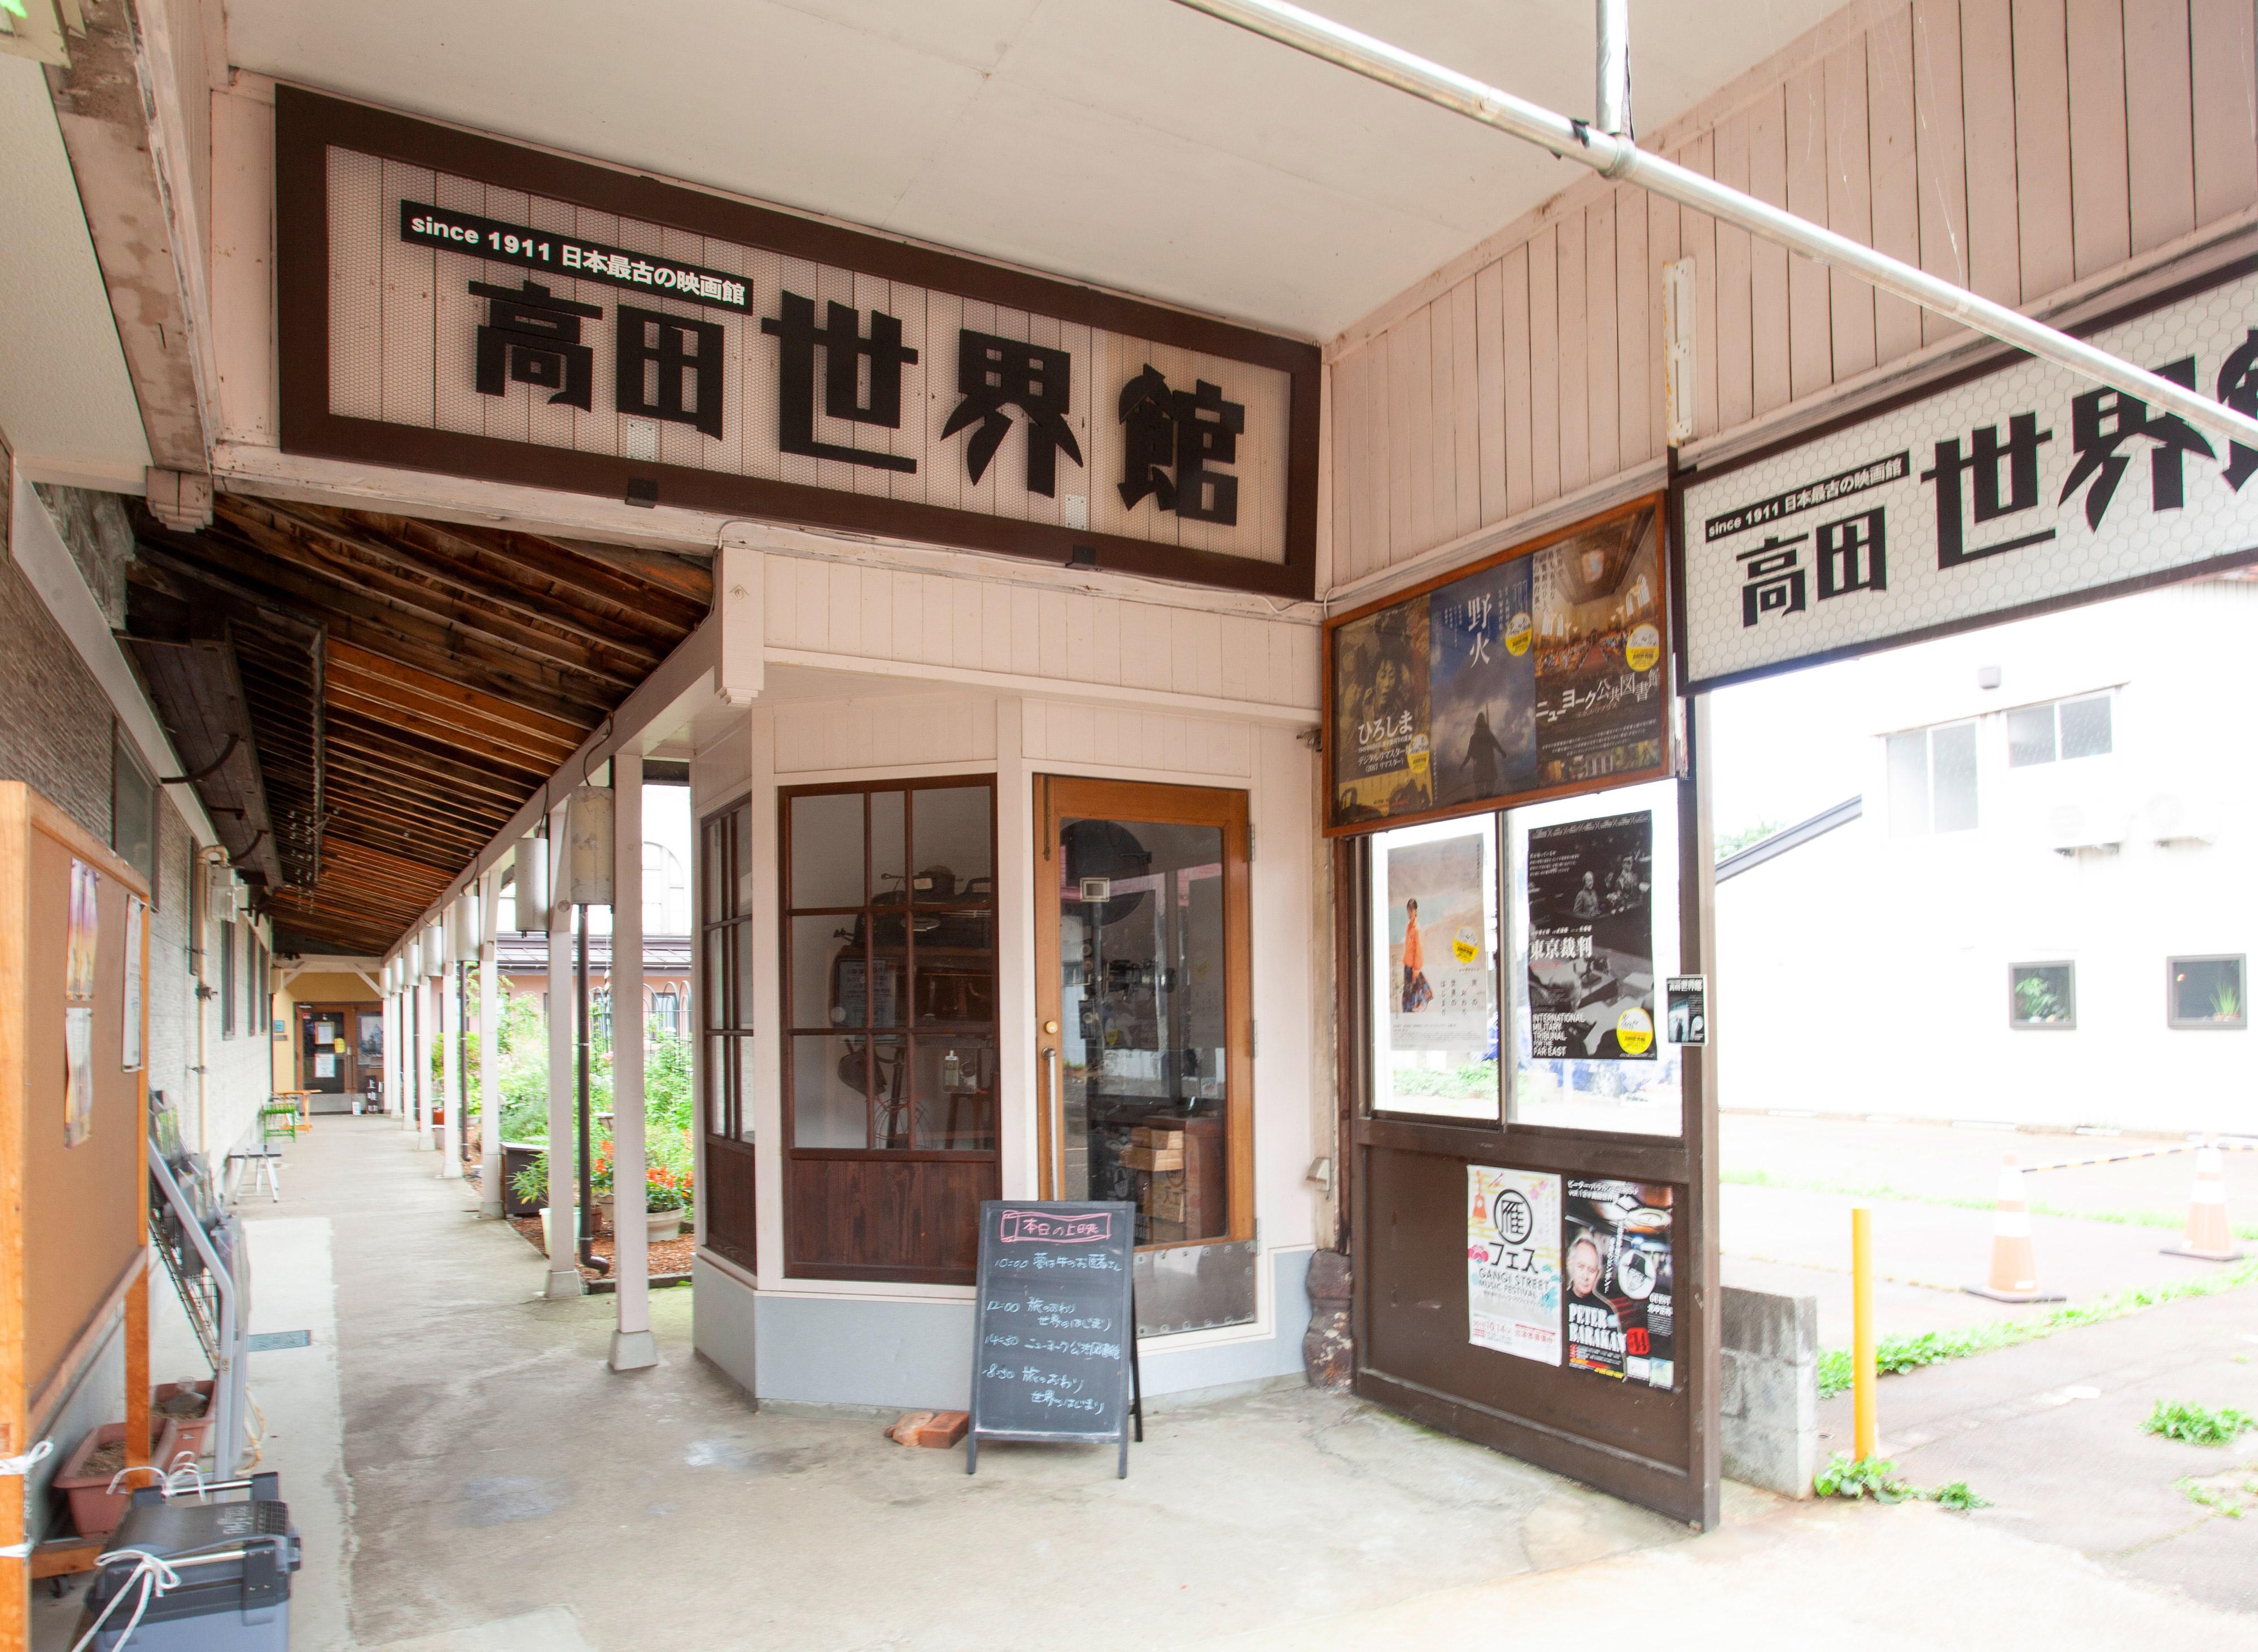 日本最古級の映画館高田世界館